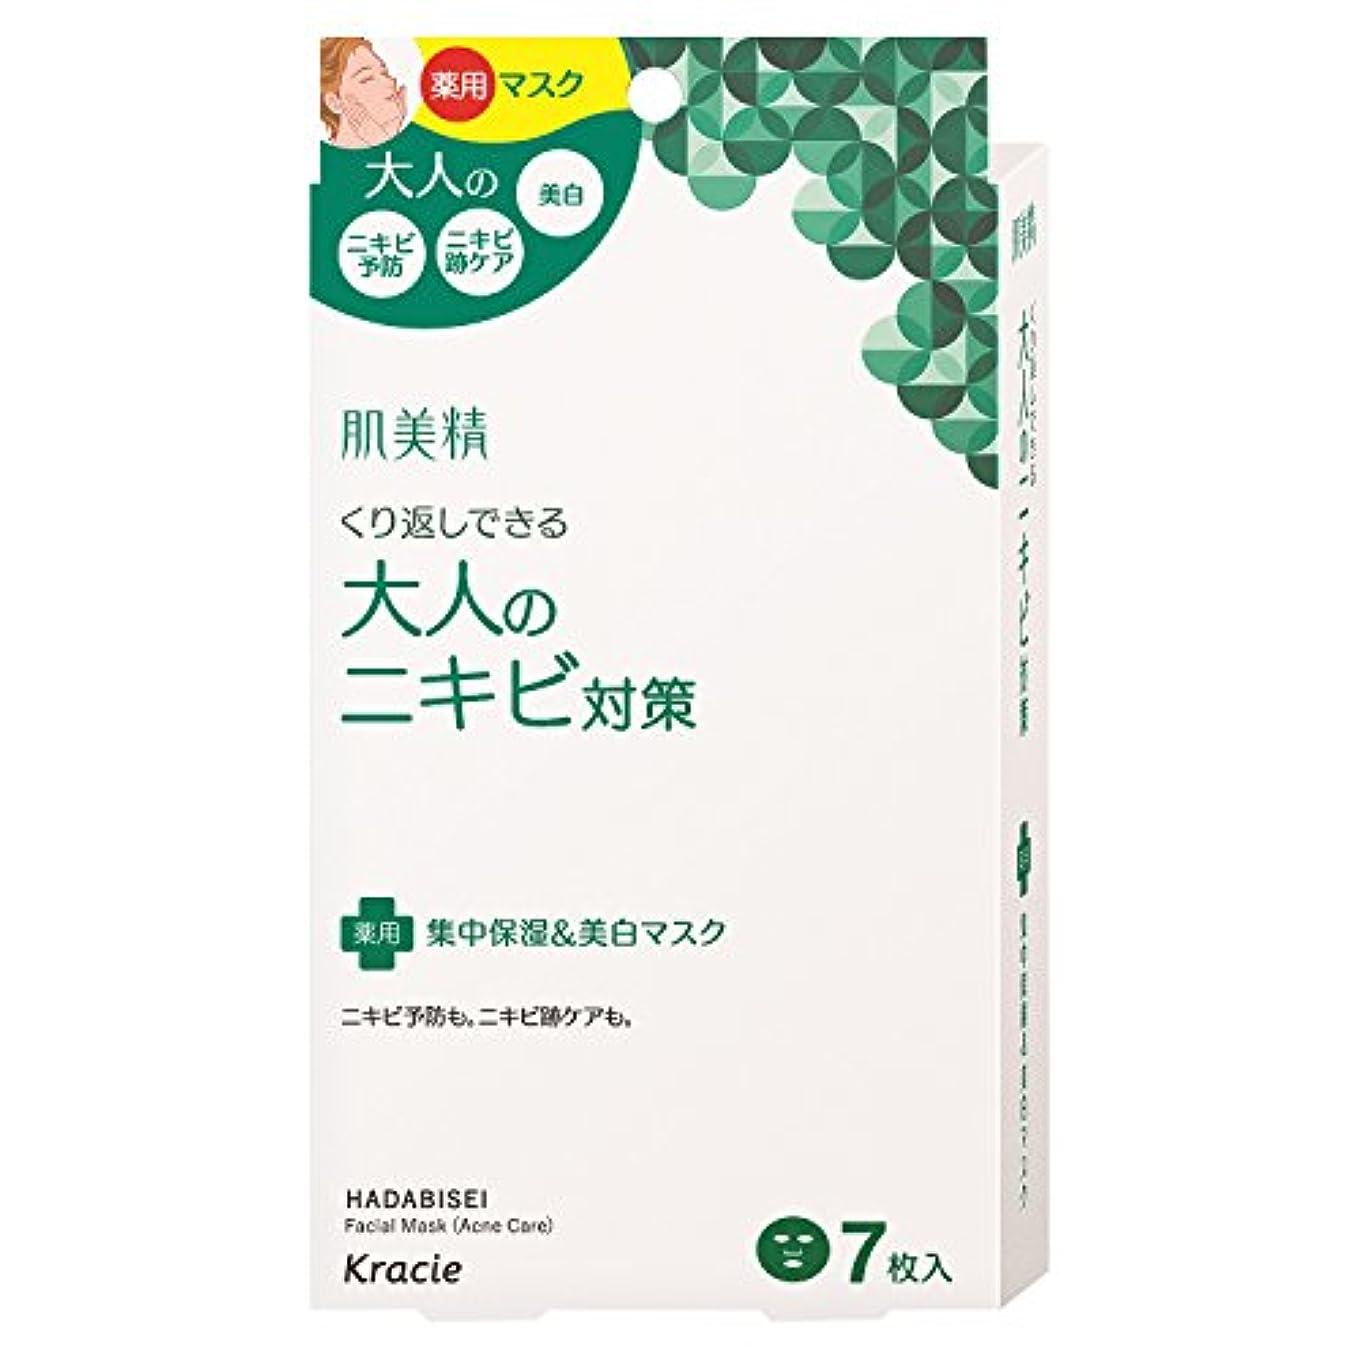 稚魚自体軽減肌美精 大人のニキビ対策 薬用集中保湿&美白マスク 7枚 (医薬部外品)